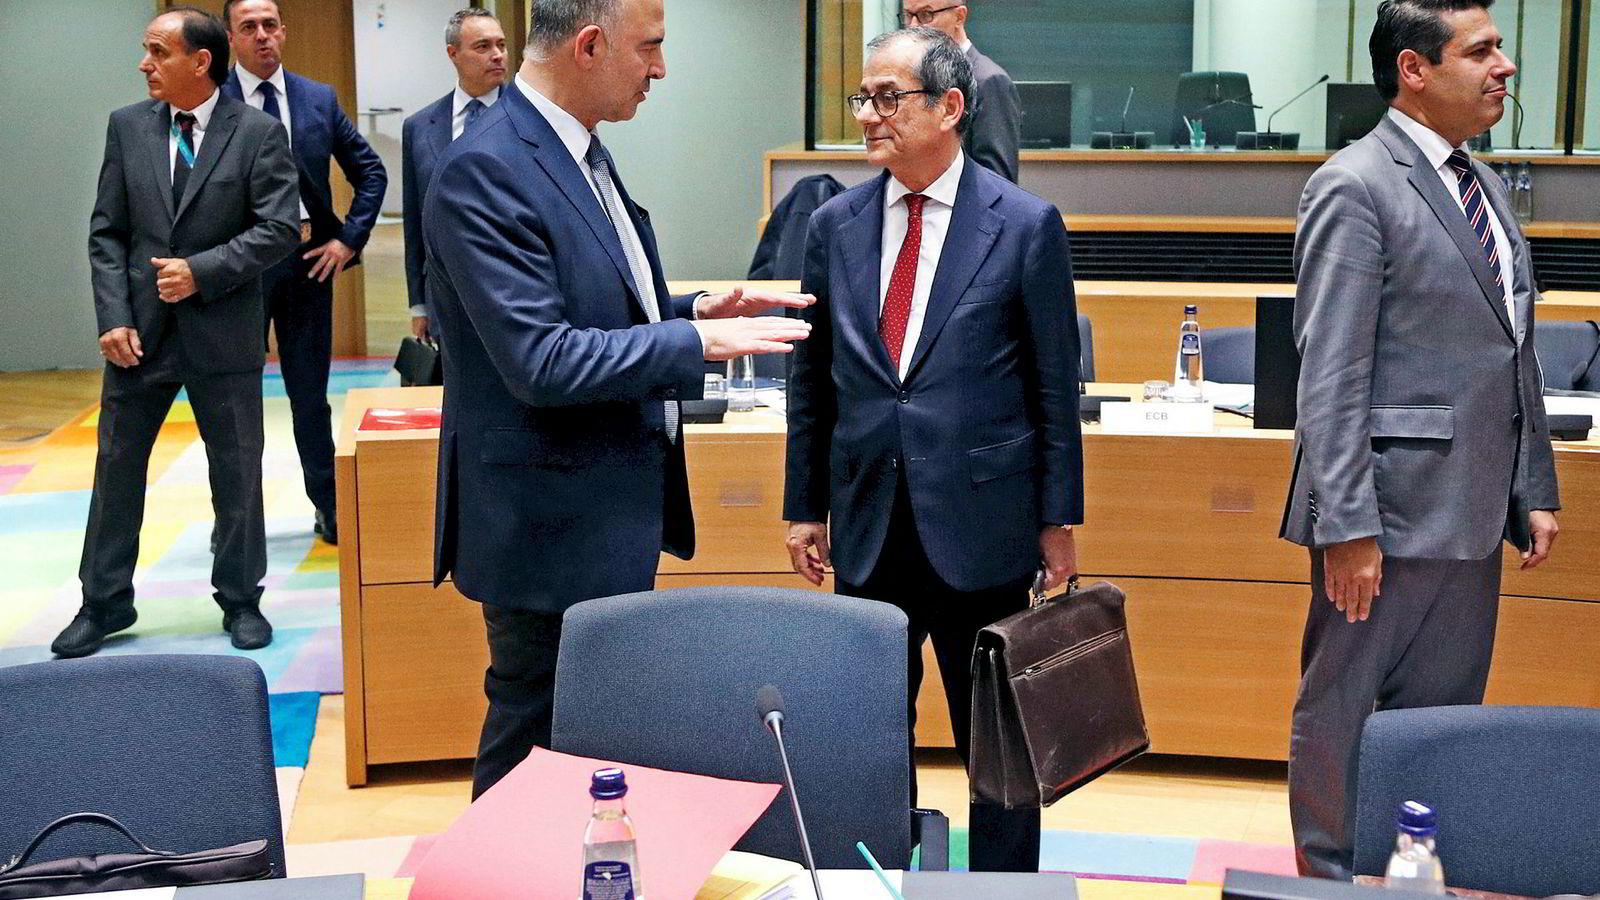 Mandag møtte Italias finansminister Giovanni Tria (til høyre) sine eurosonekolleger i Brussel. Her er den italienske finansministeren i samtale med EU-kommissær Pierre Moscovici.